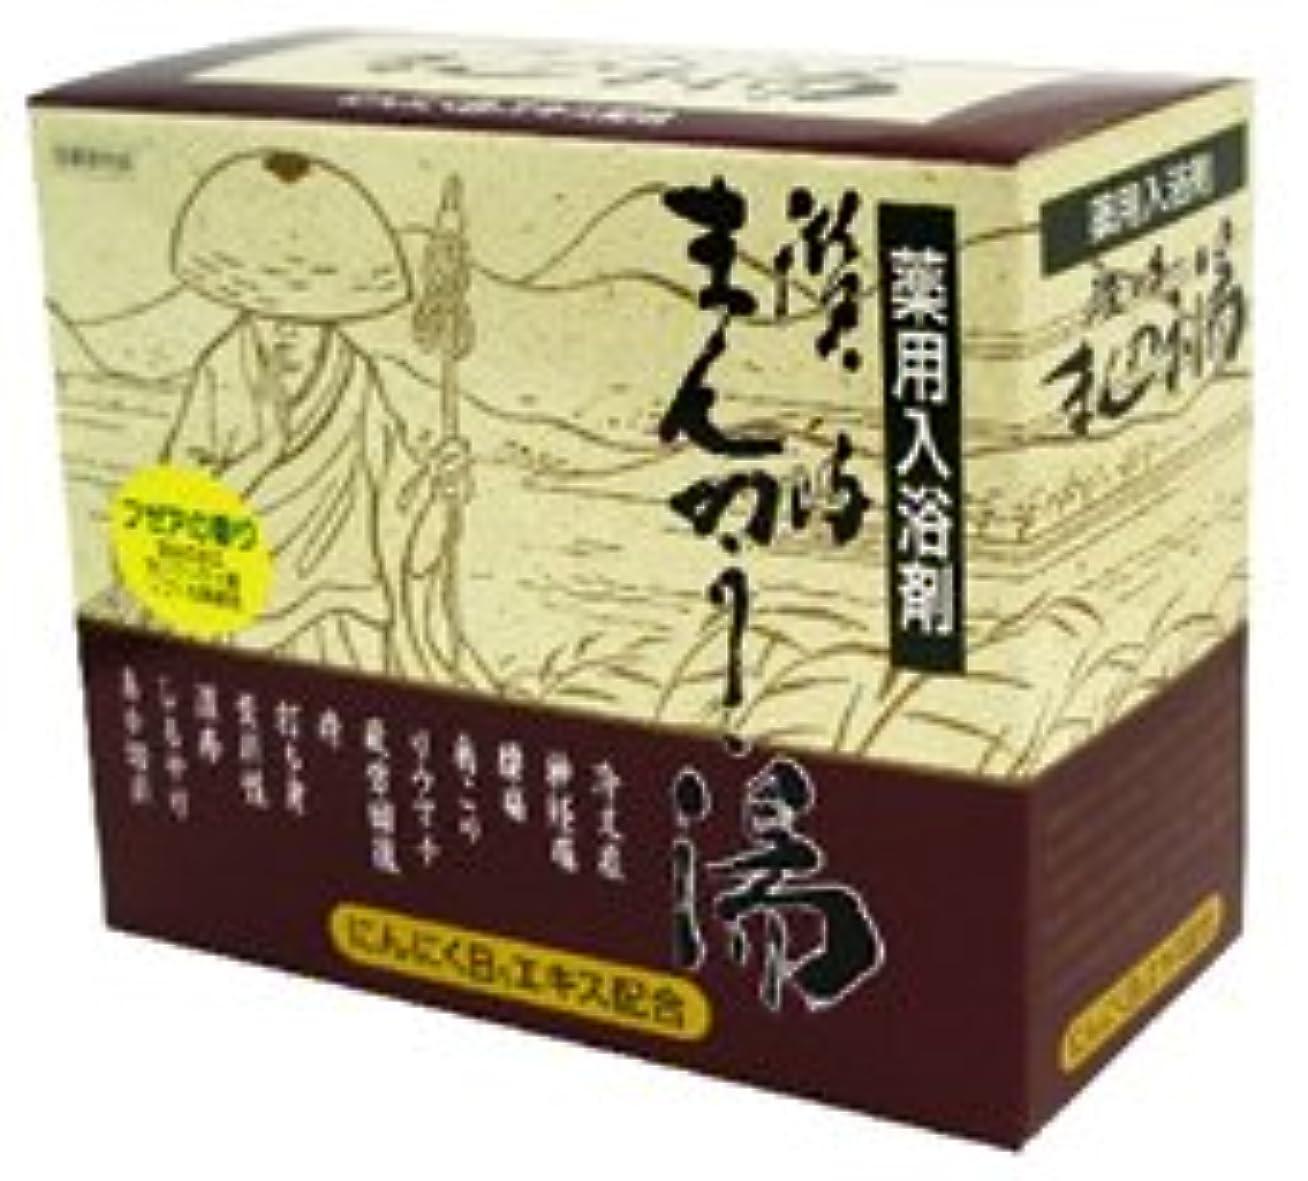 被るギャングスチュワード薬用入浴剤 讃岐まんのう湯 30g×20包×3箱セット